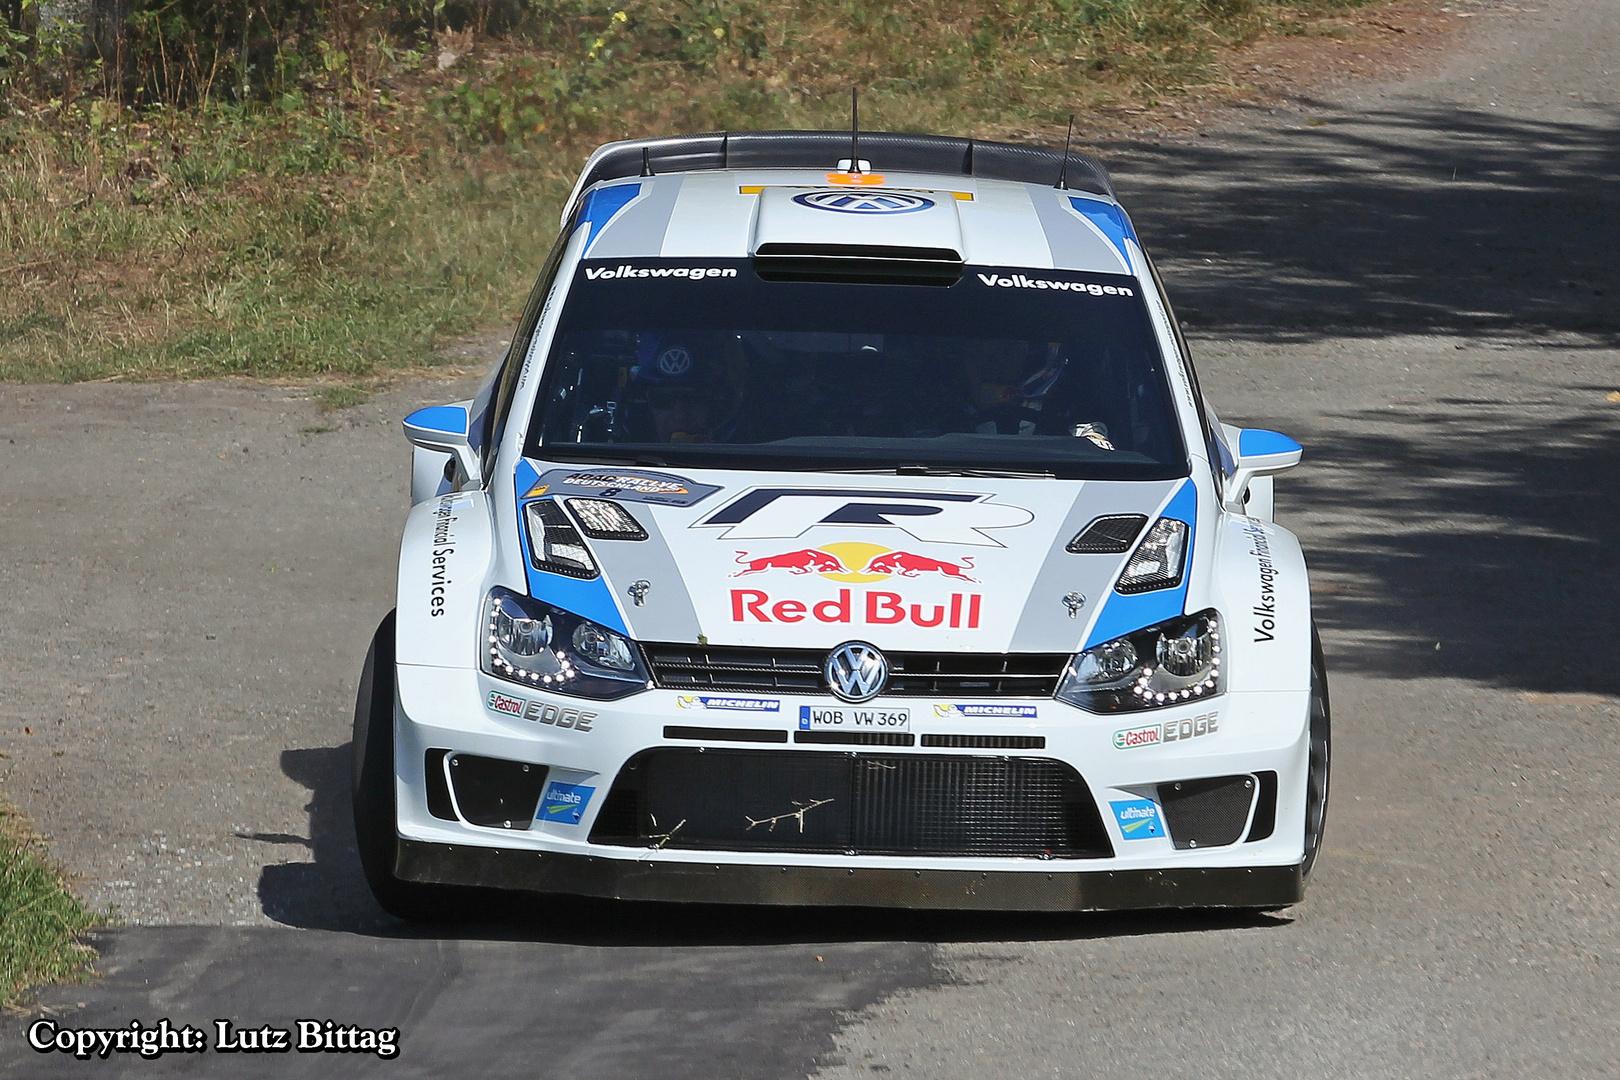 Rallye-Weltmeister 2013